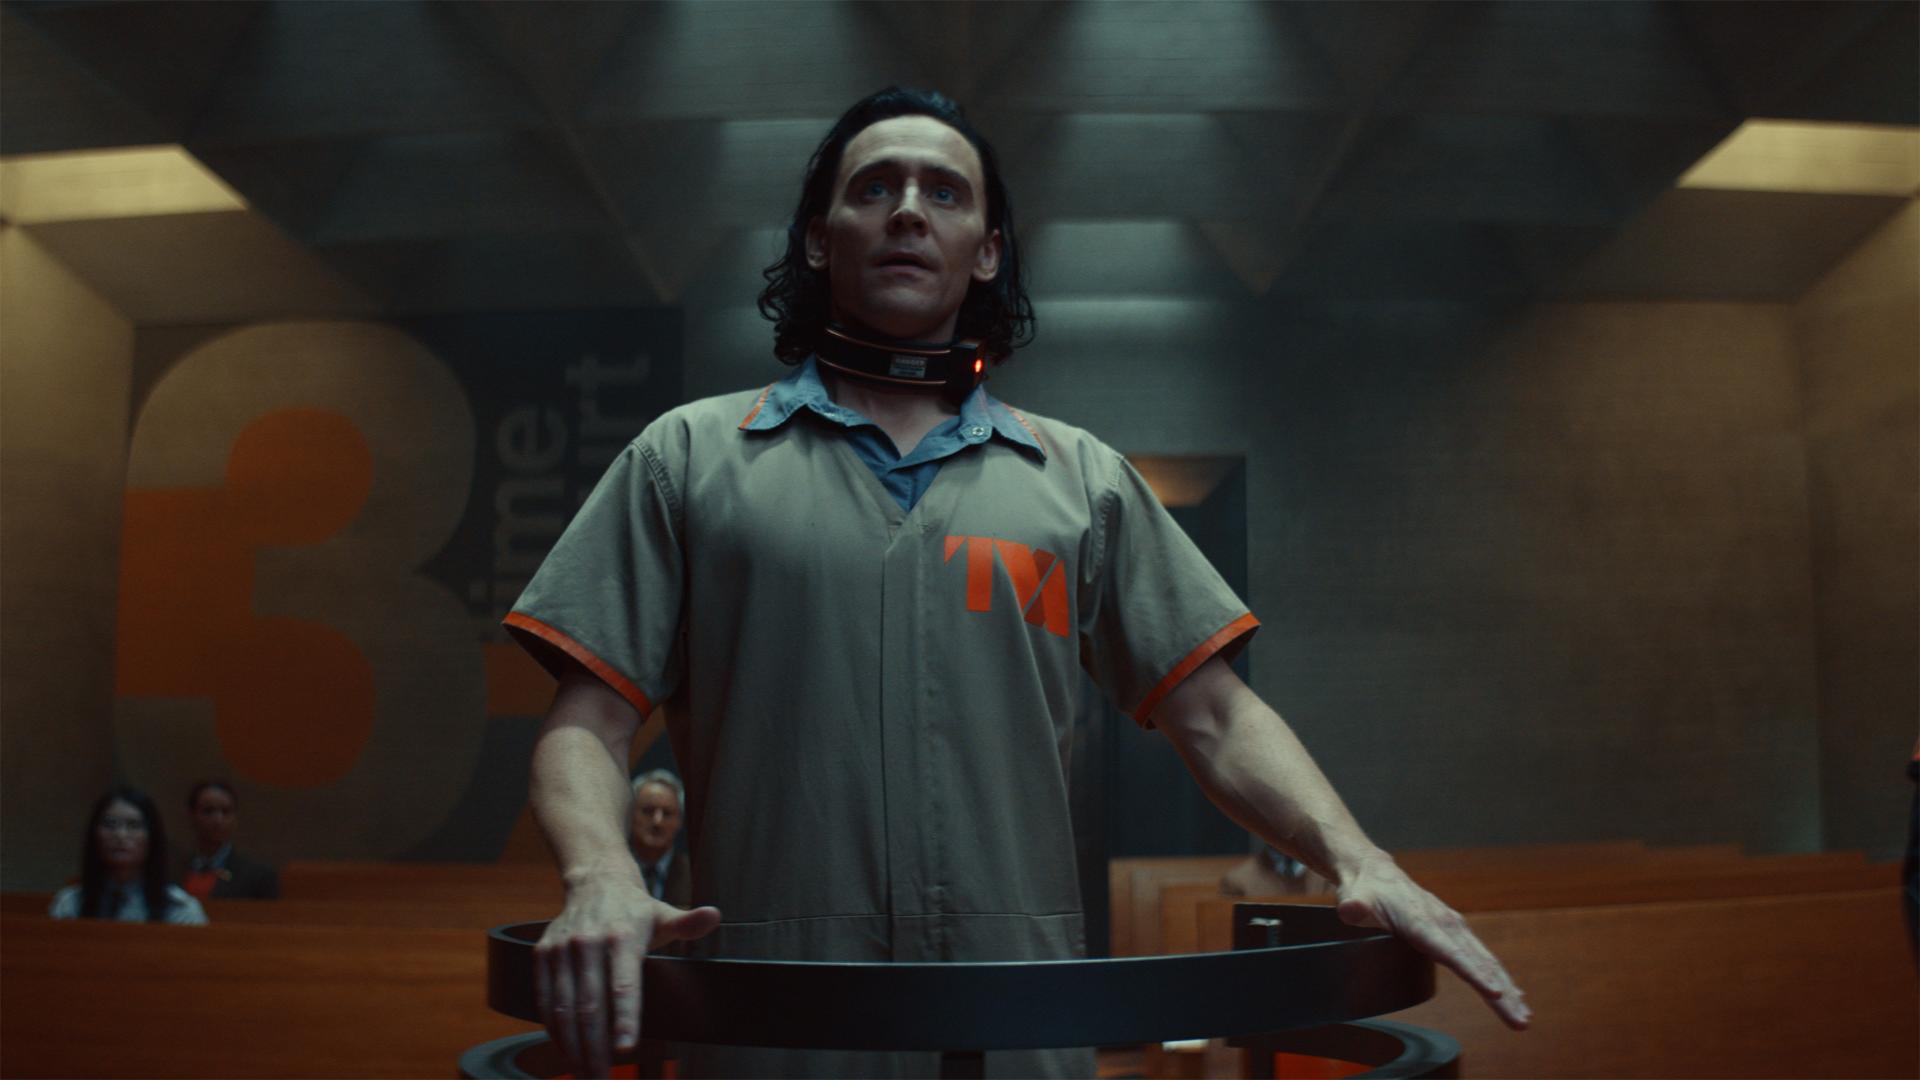 Loki episode 1 recap: under the skin of a great MCU villain   TechRadar